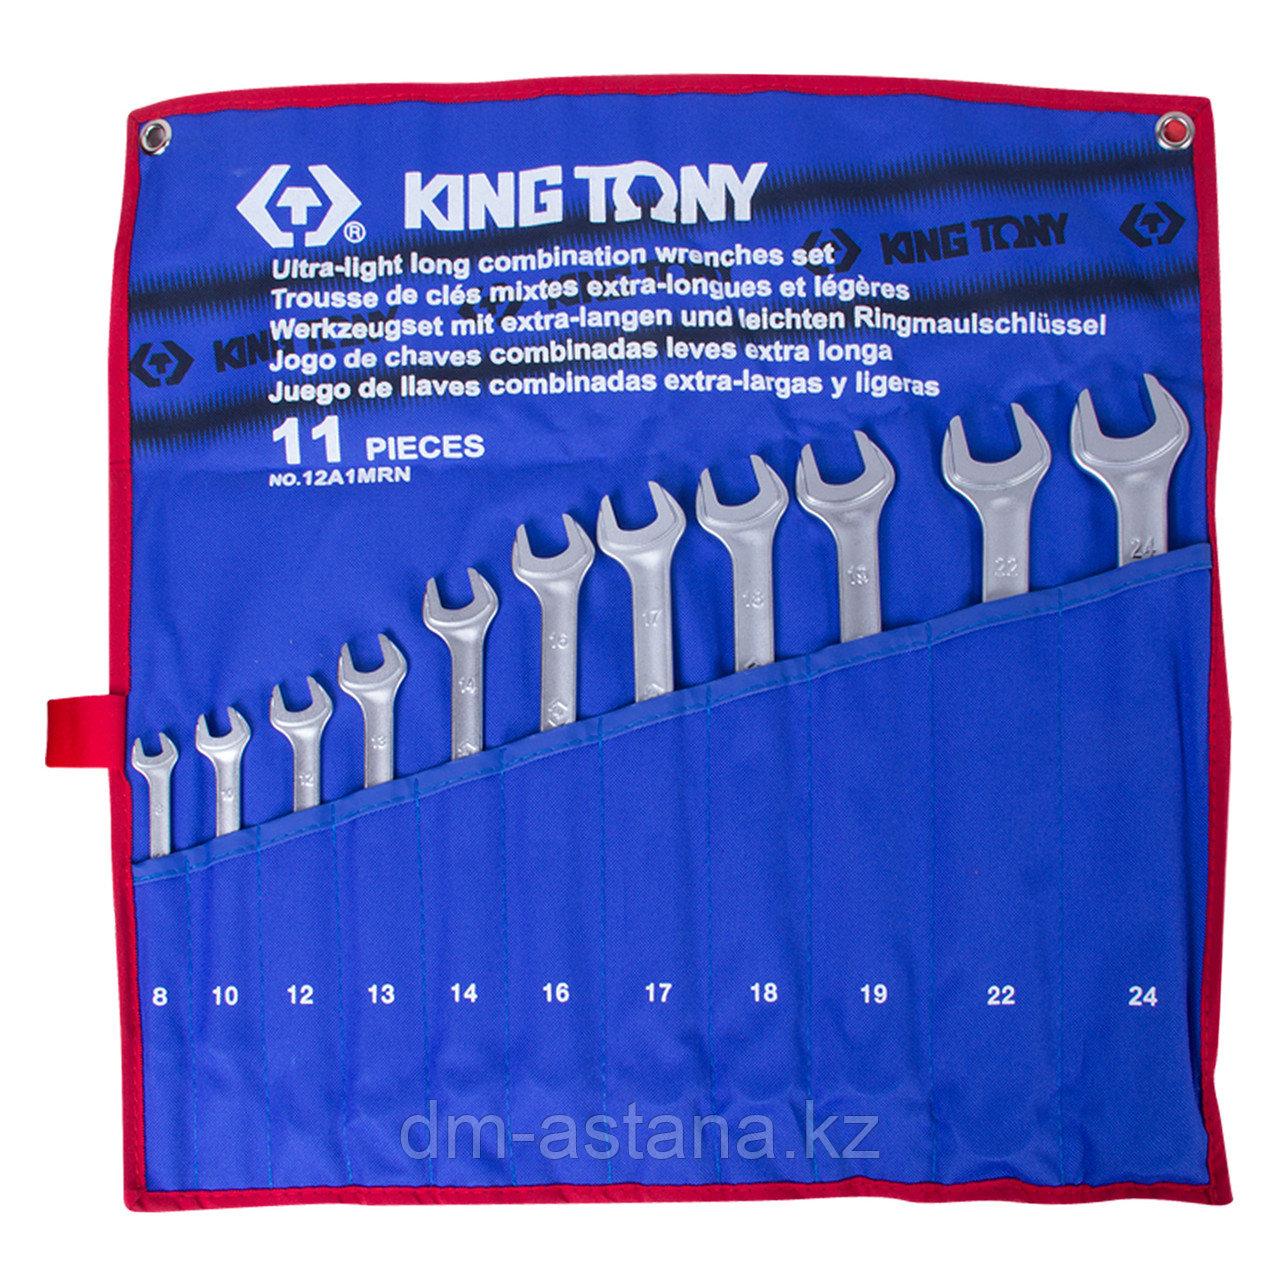 Набор комбинированных удлиненных ключей, 8-24 мм, чехол из теторона, 11 предметов KING TONY 12A1MRN